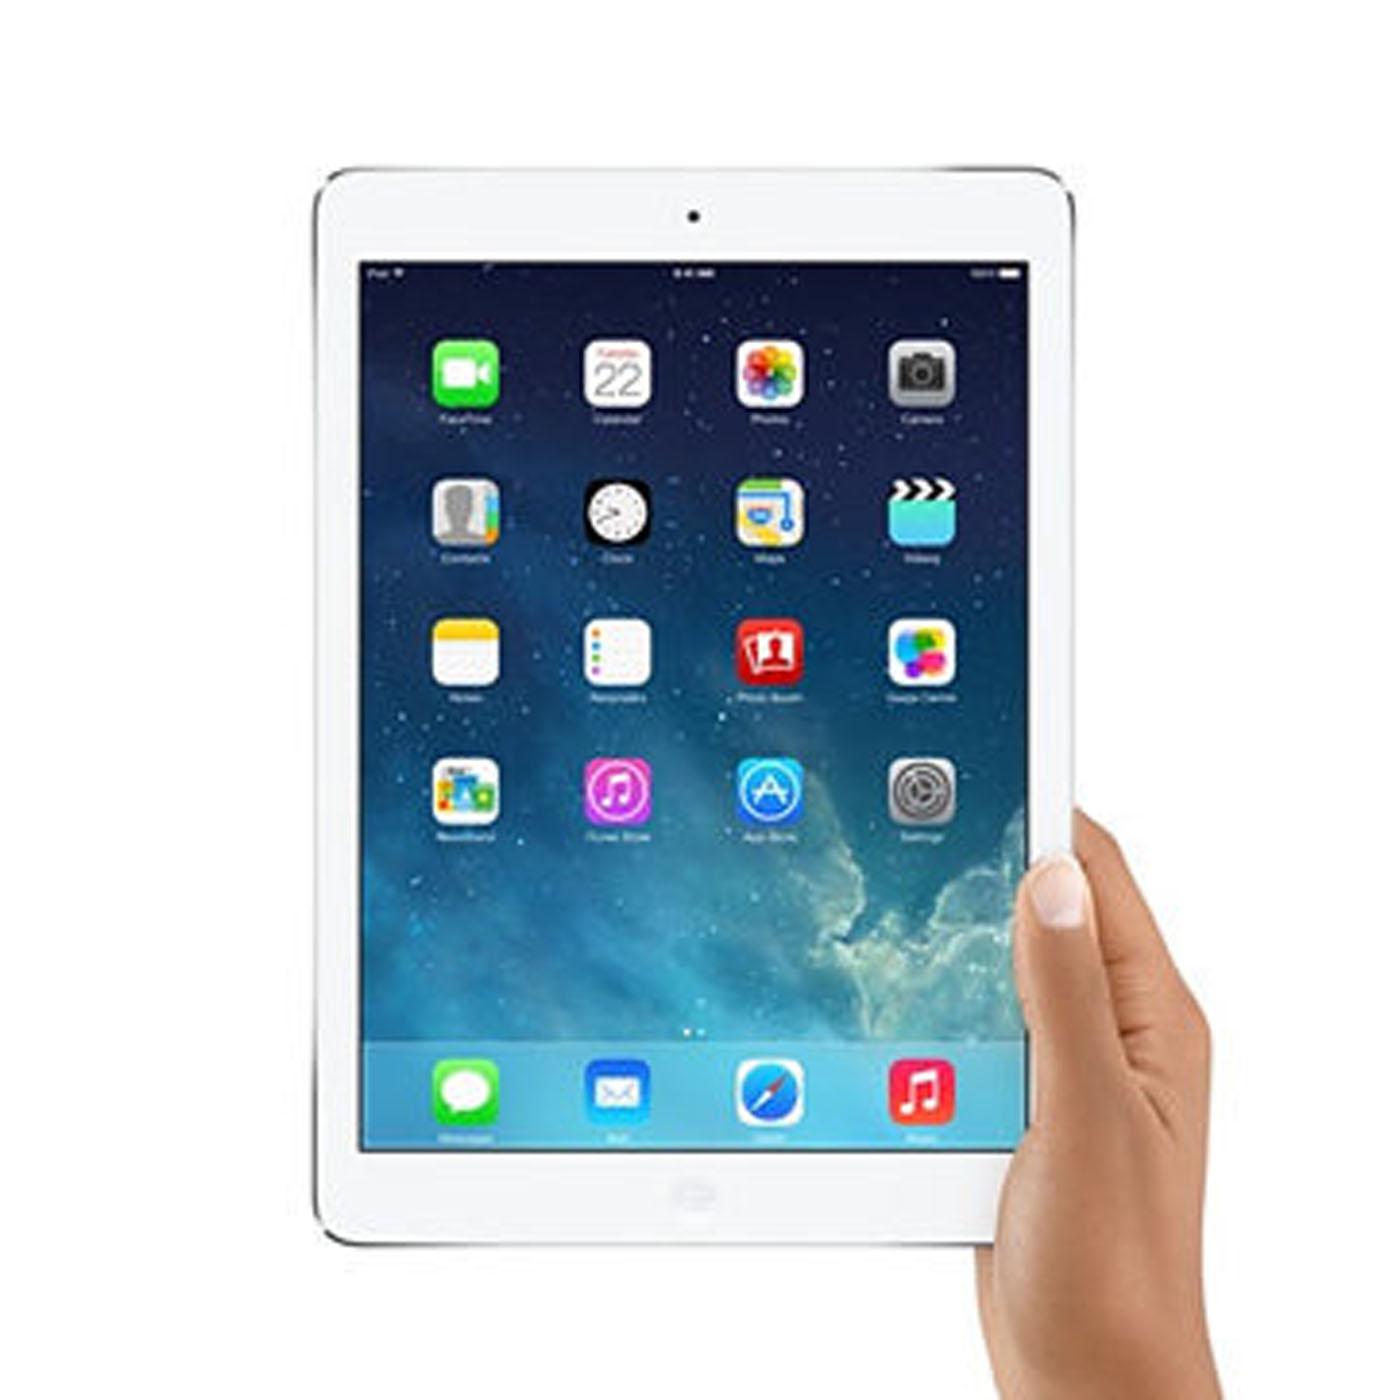 平板电脑5_苹果平板电脑ipad5_苹果平板电脑ipad5包_苹